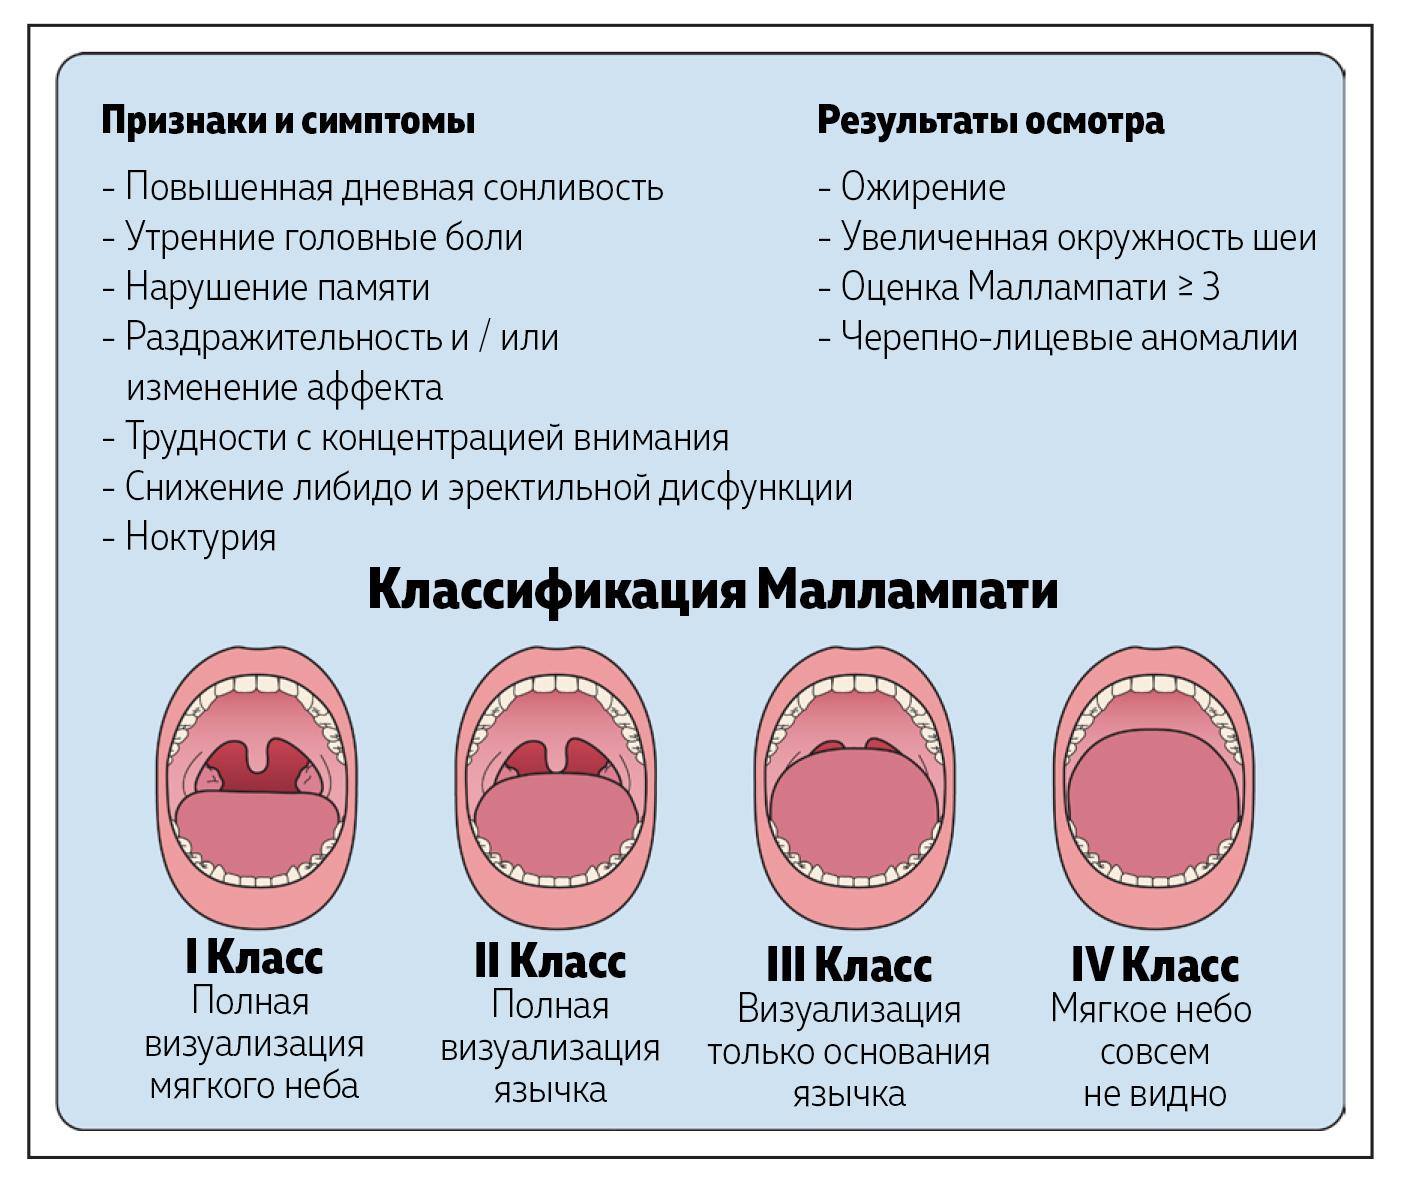 Рисунок 1. Обструктивное апноэ во сне: симптомы и диагностика.